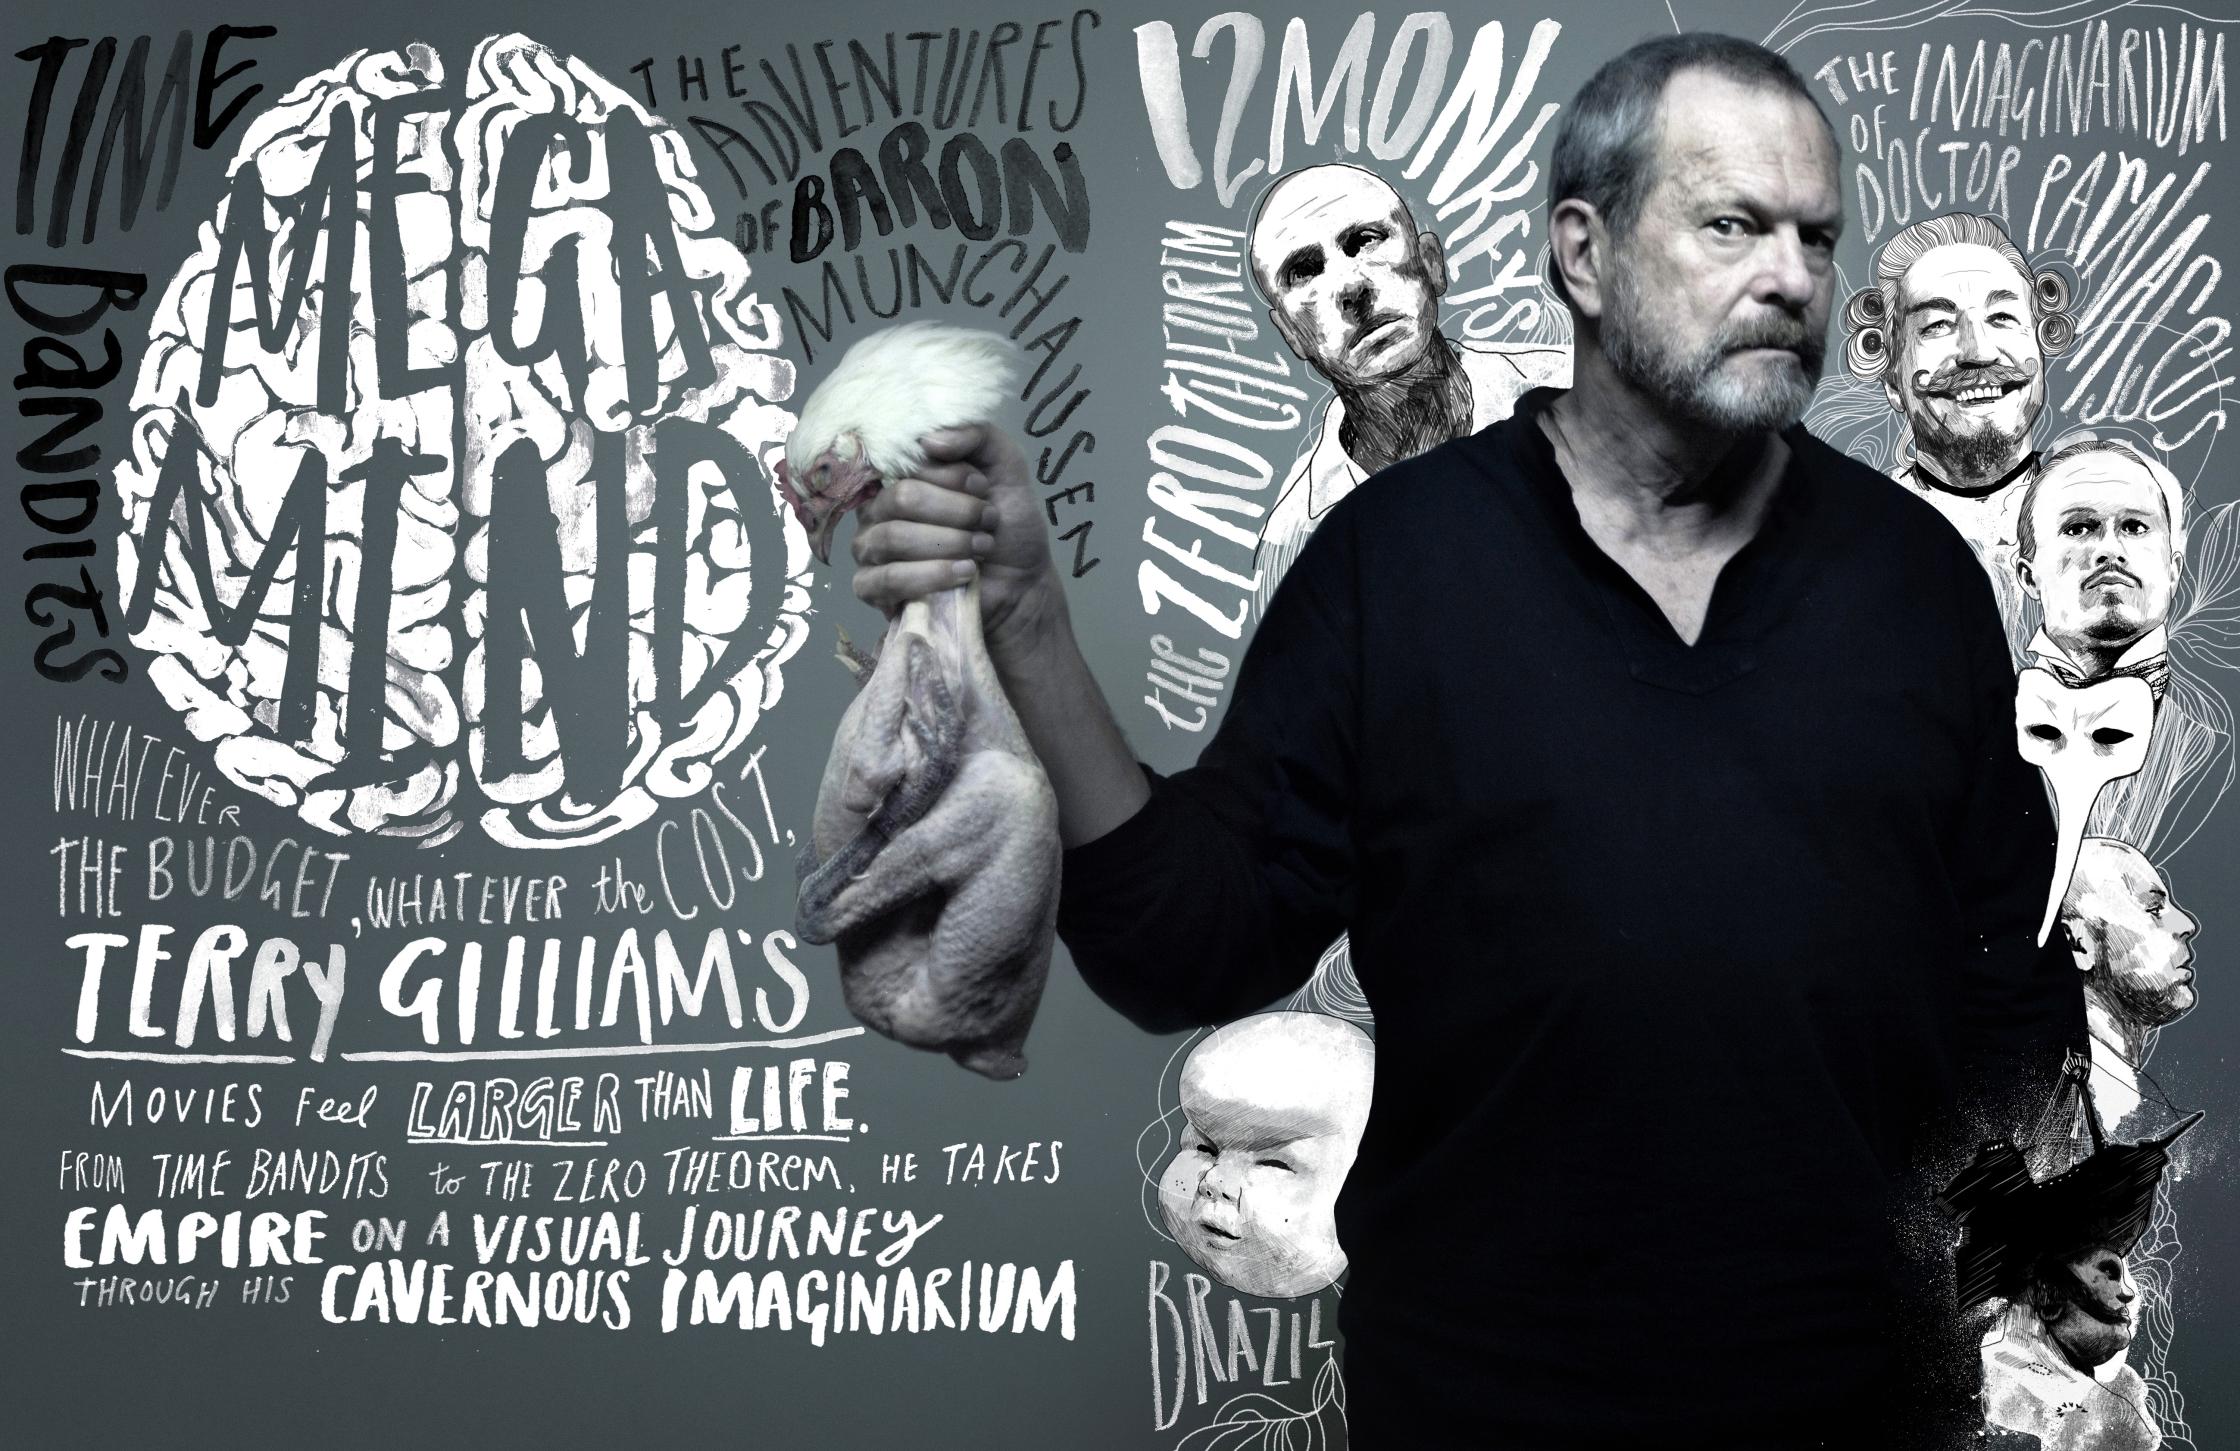 Terry Gilliam / Empire Magazine